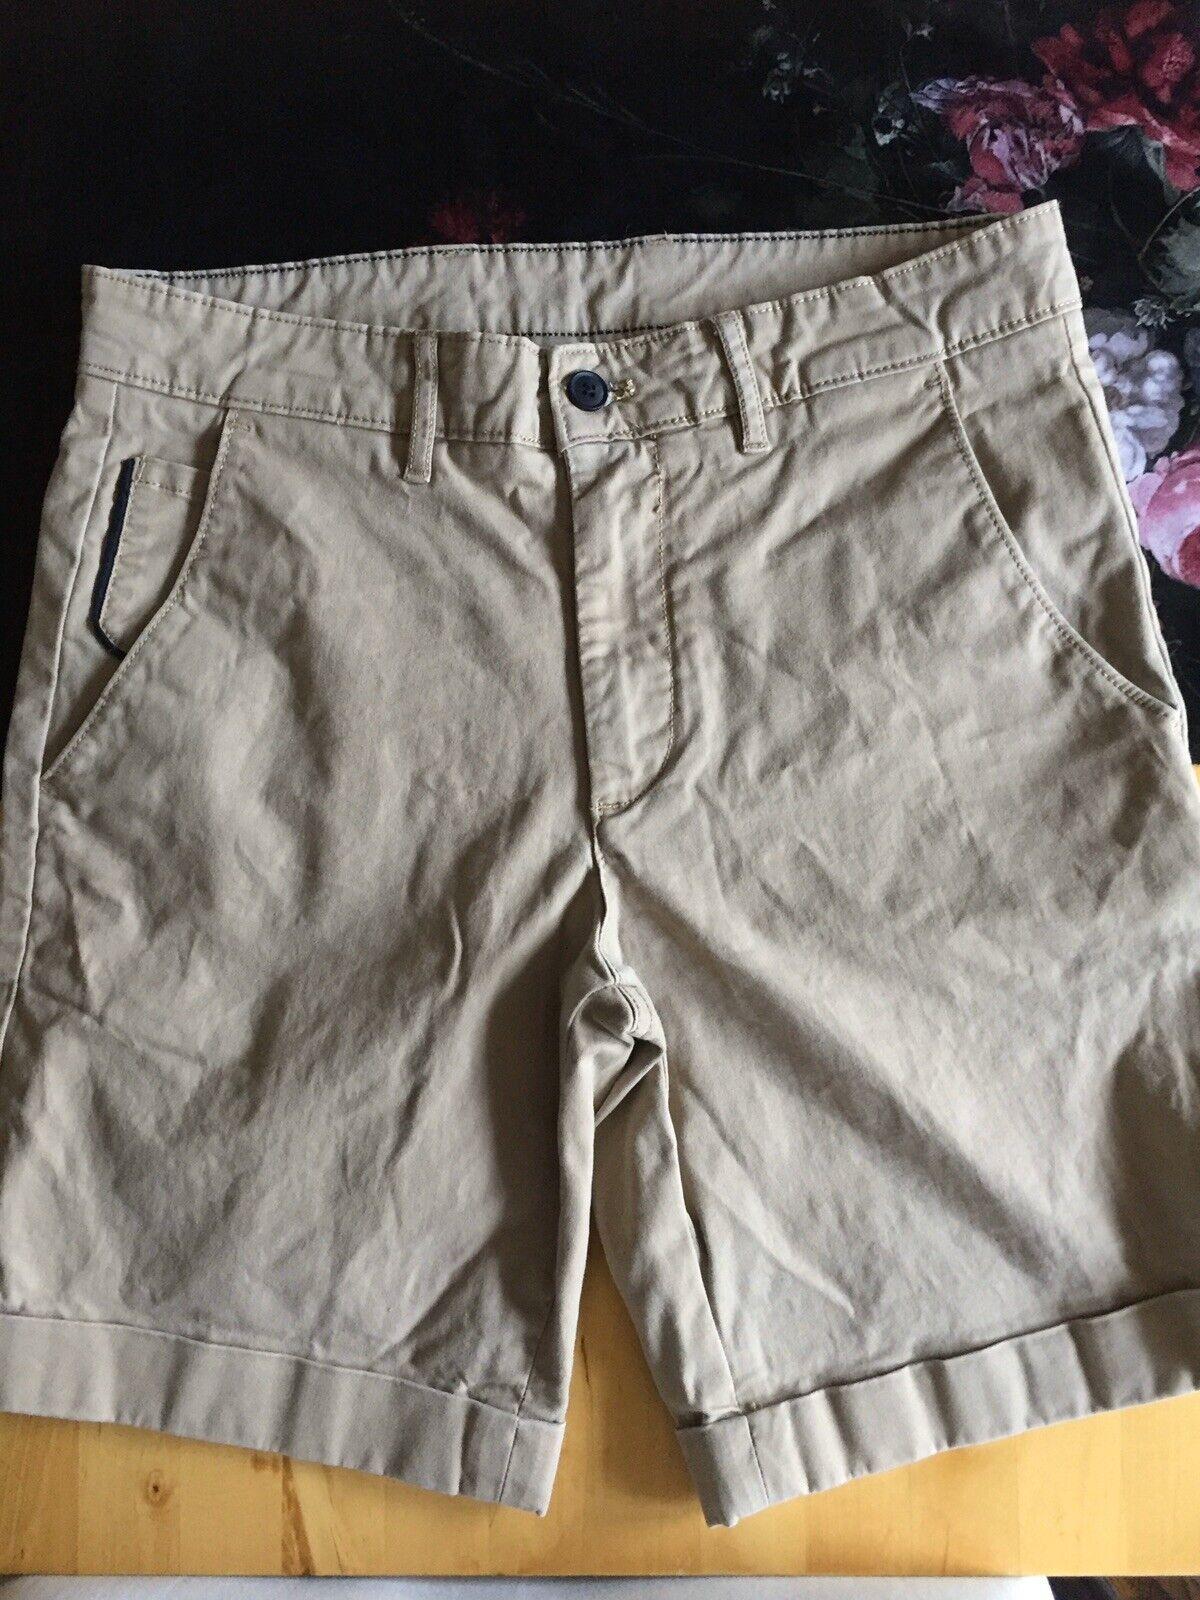 Beige Herren Bermuda Shorts von Zara, Gr.38, gebraucht